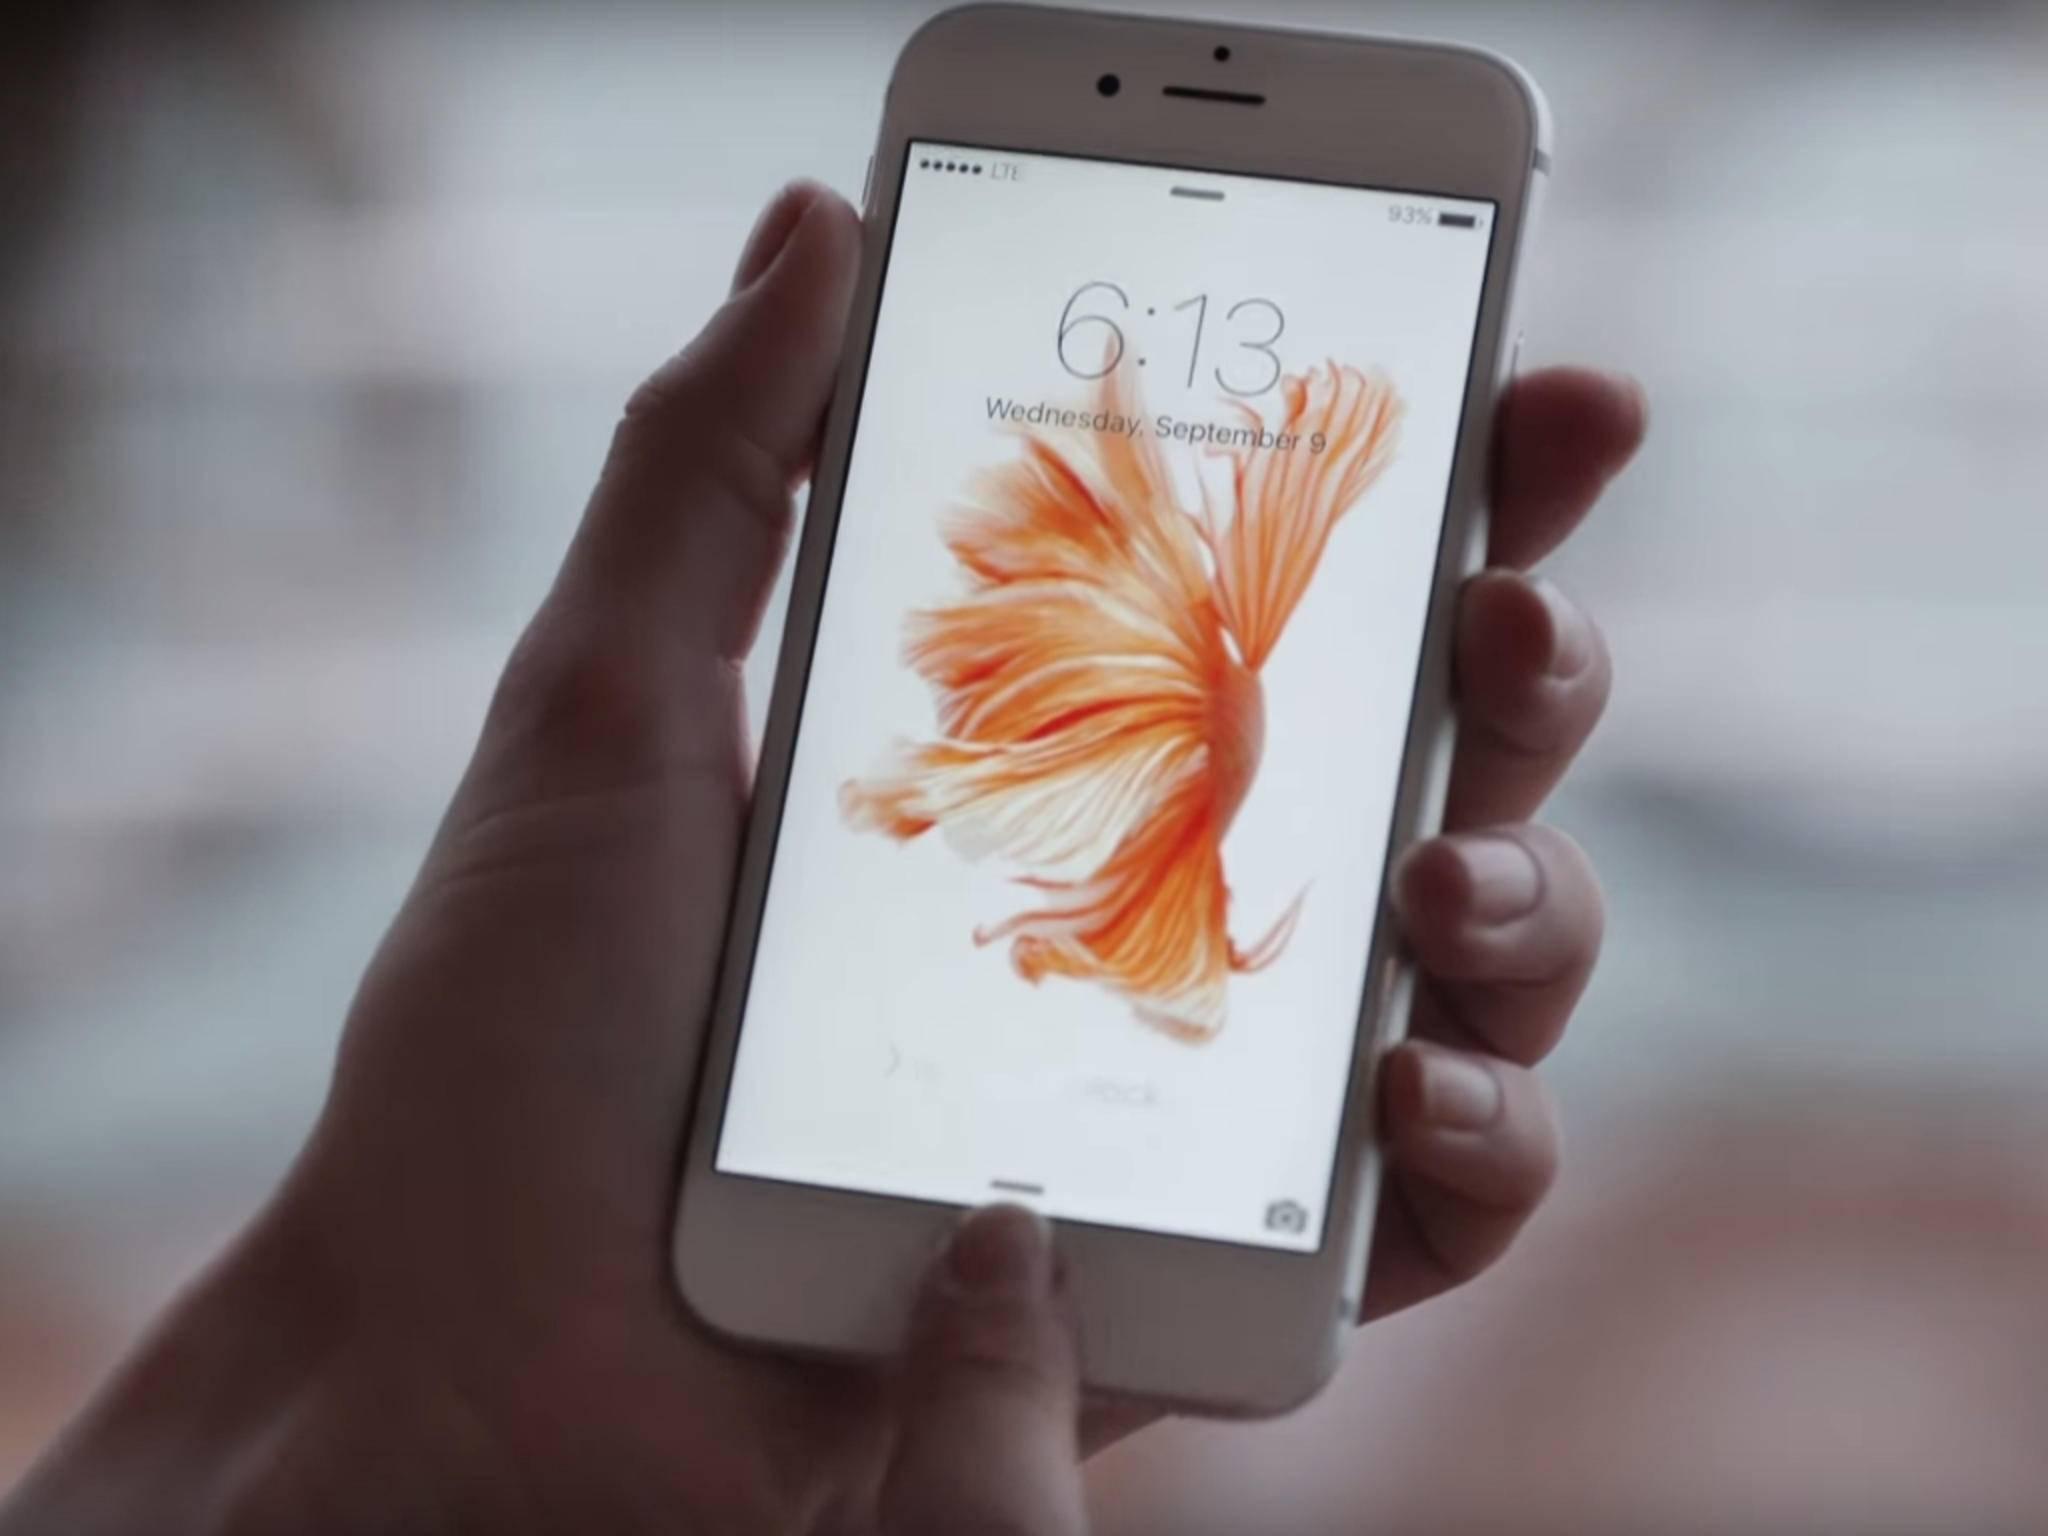 Die iPhone 6s-Kamera schlägt bei der Videoaufnahme sogar teure DSLR-Kameras.